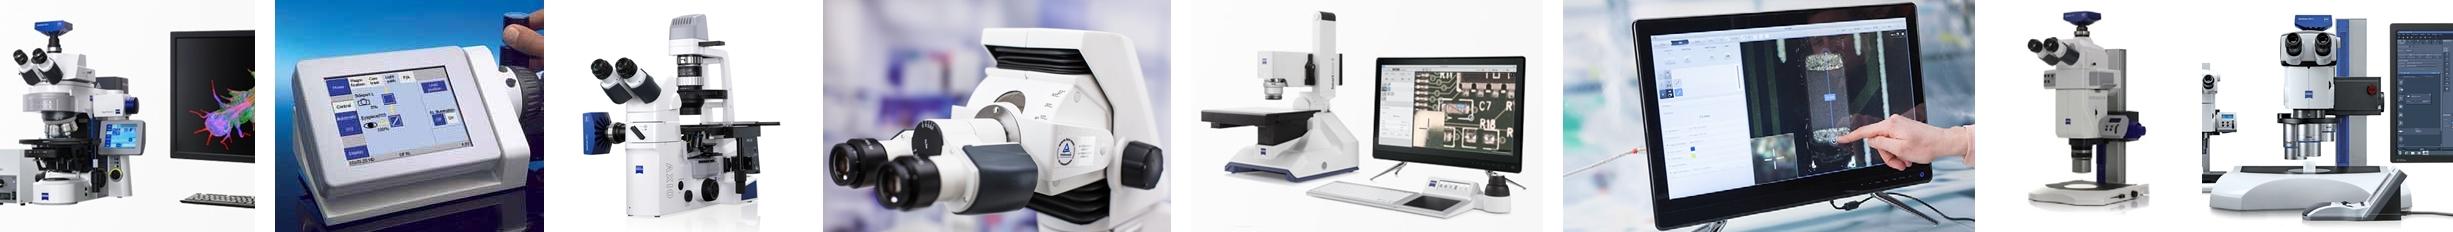 Mikroskope_ZEISS